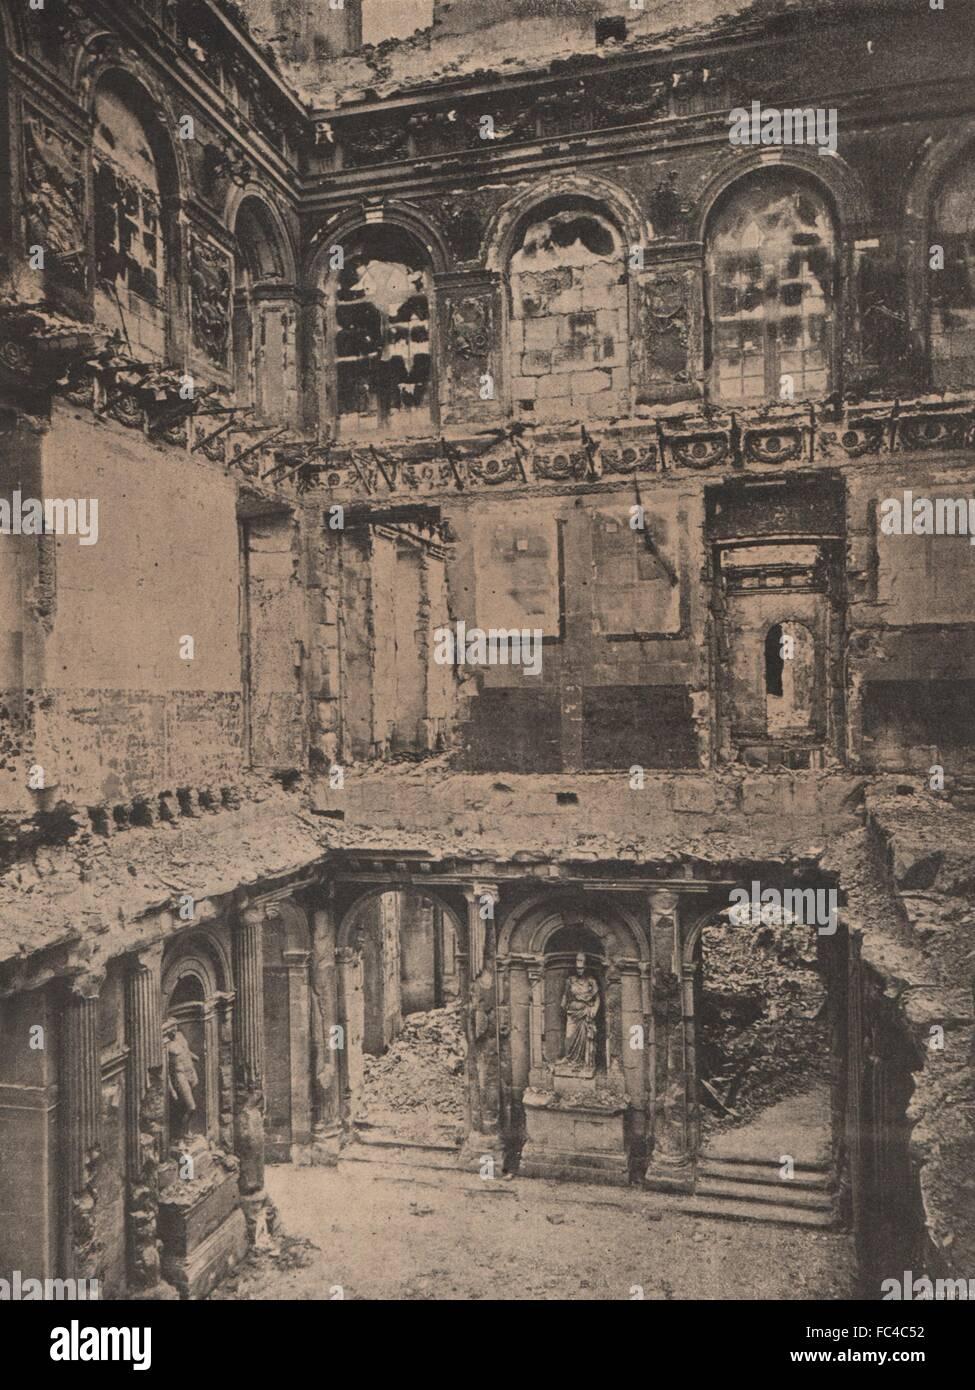 PARIS KOMMUNE 1871. Les Tuileries (Intérieur), antique print c1873 Stockbild